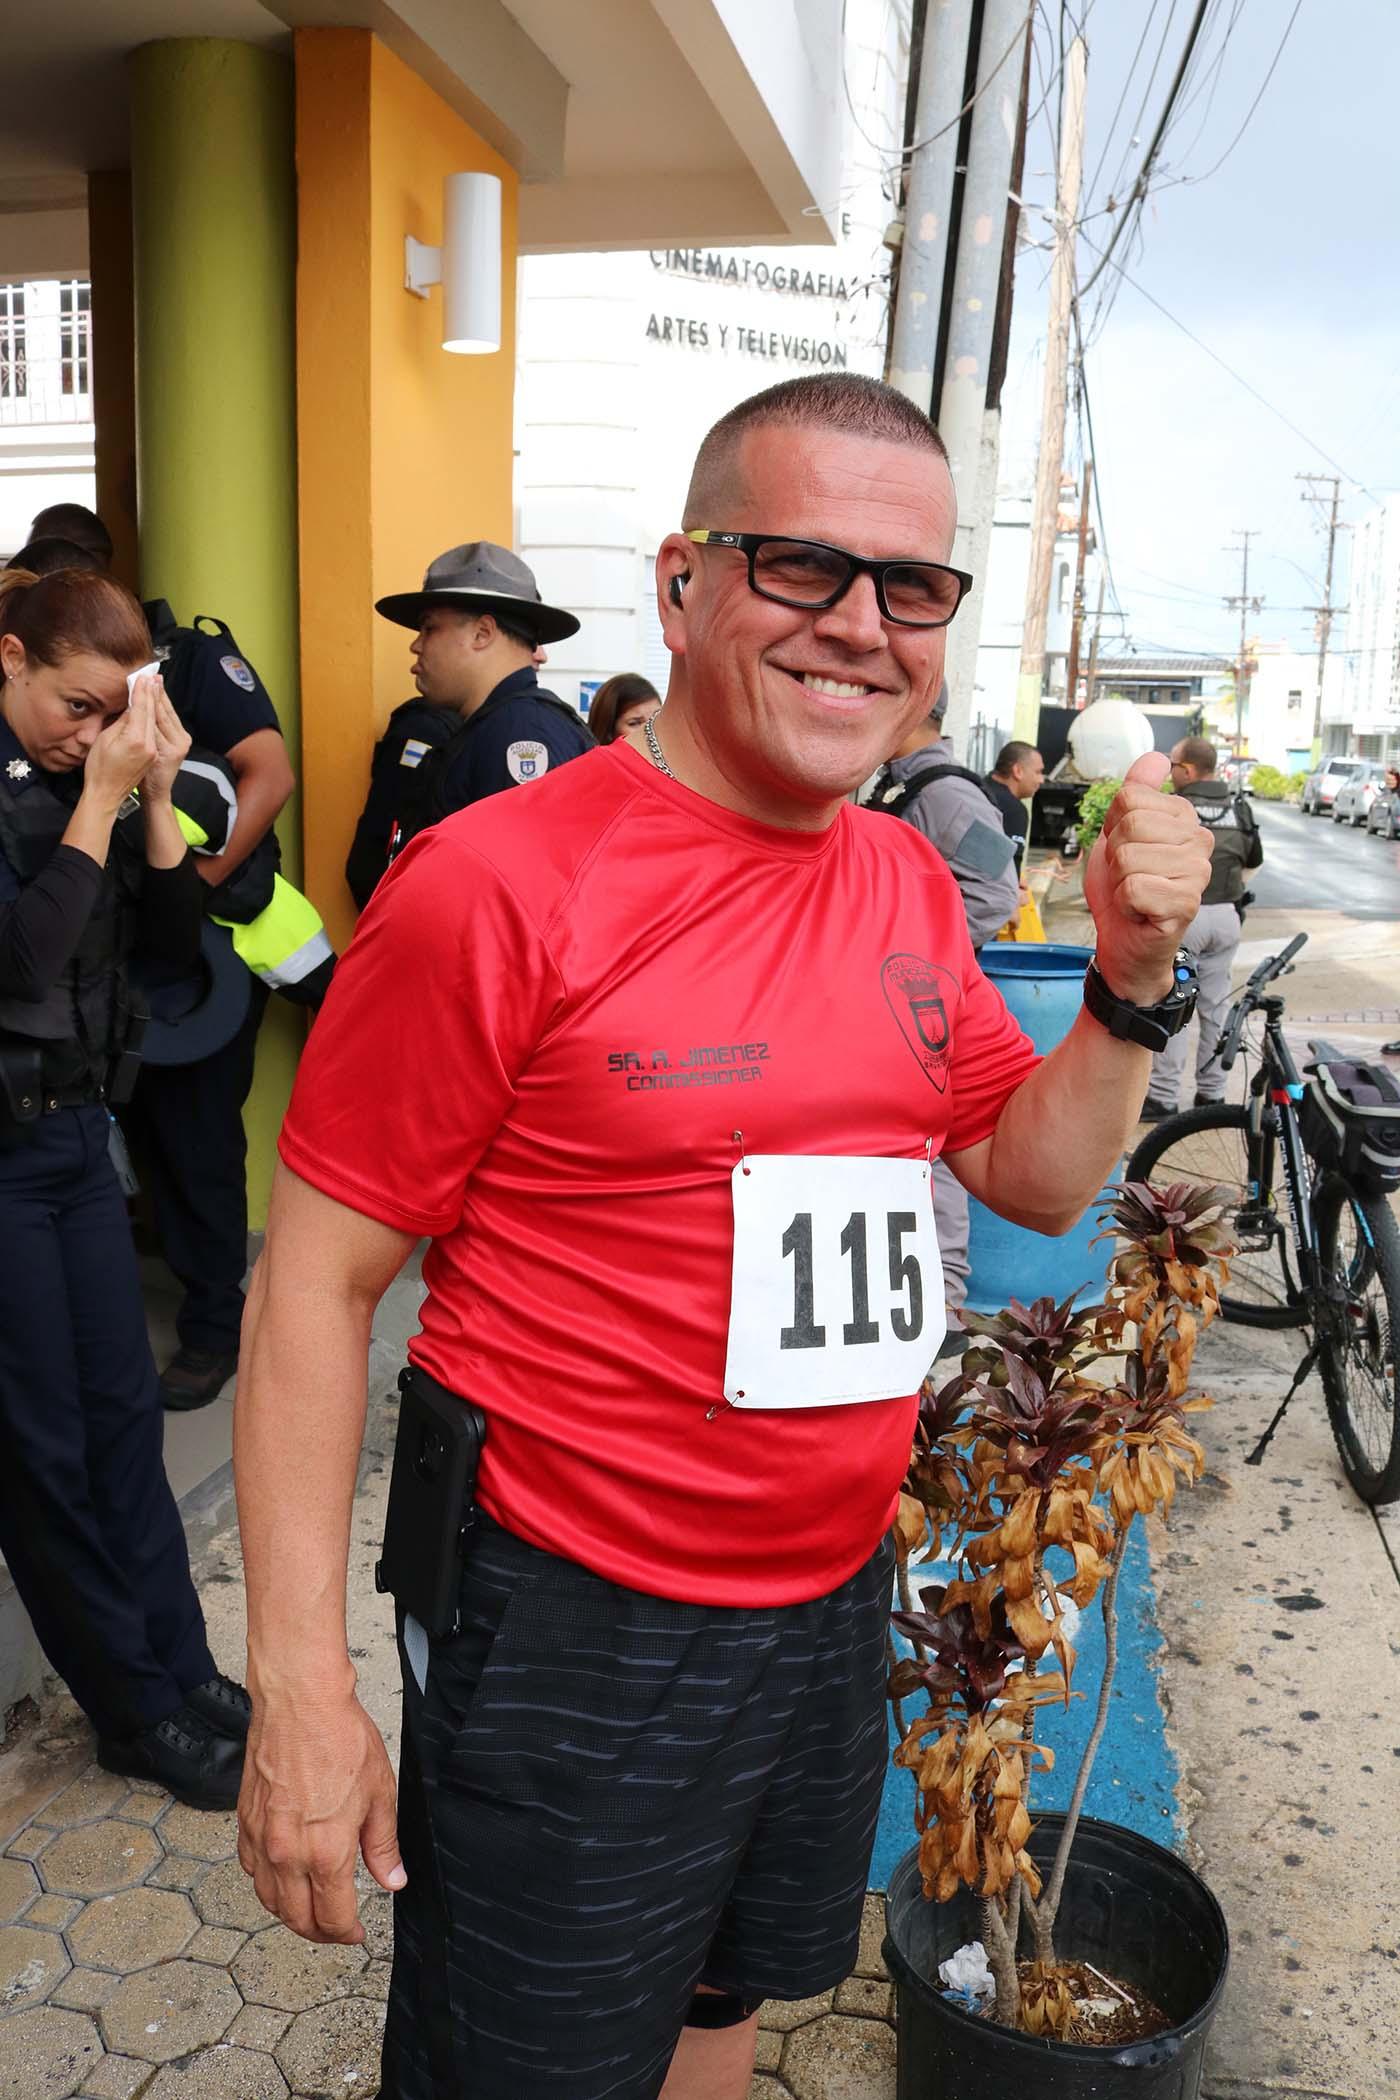 Maraton-Santa-Cruz-Edicion-29-2019-9